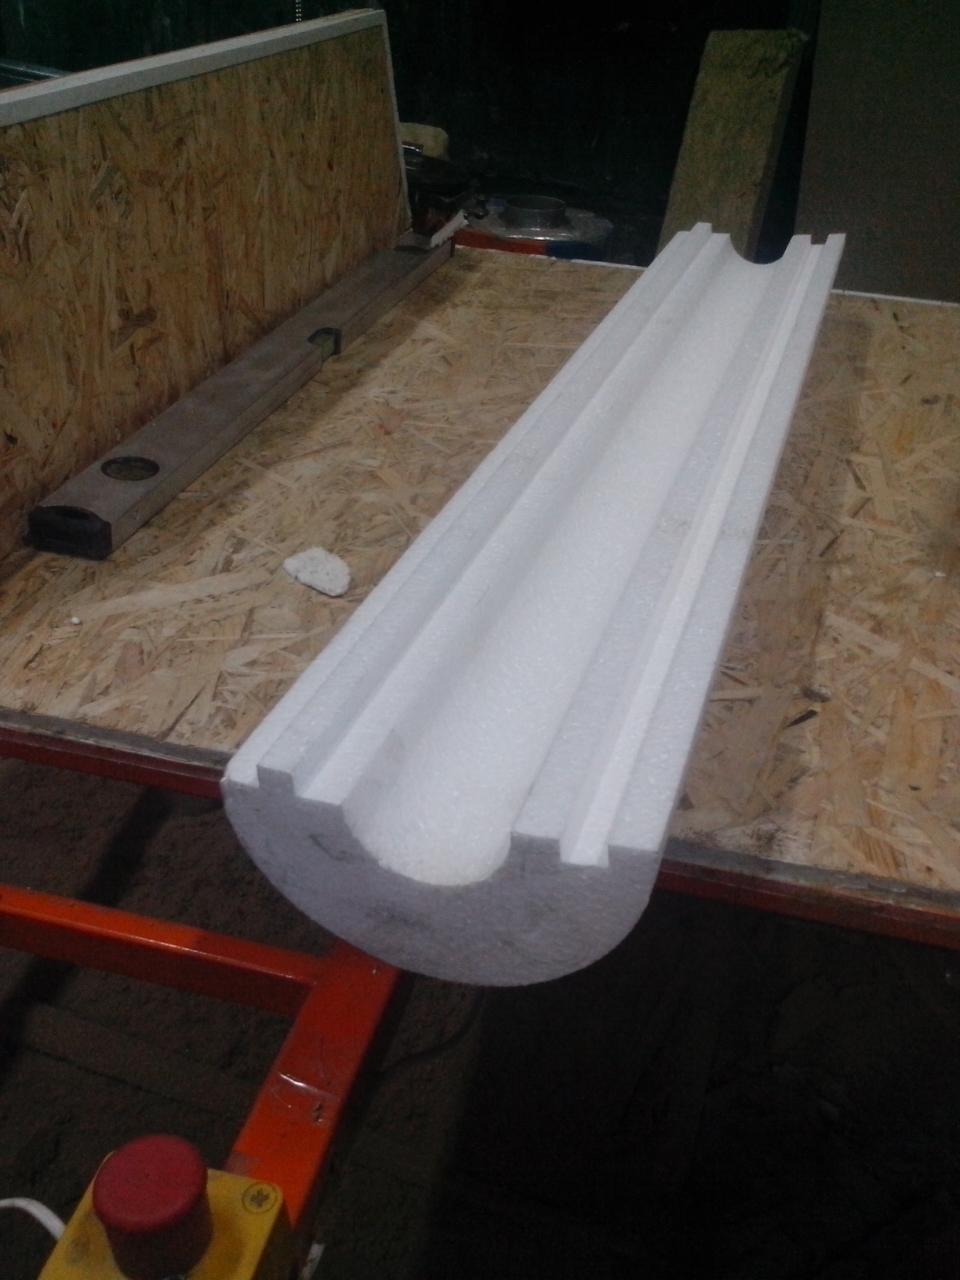 Утеплитель из пенопласта (пенополистирола) для труб Ø 18 мм толщиной 30 мм